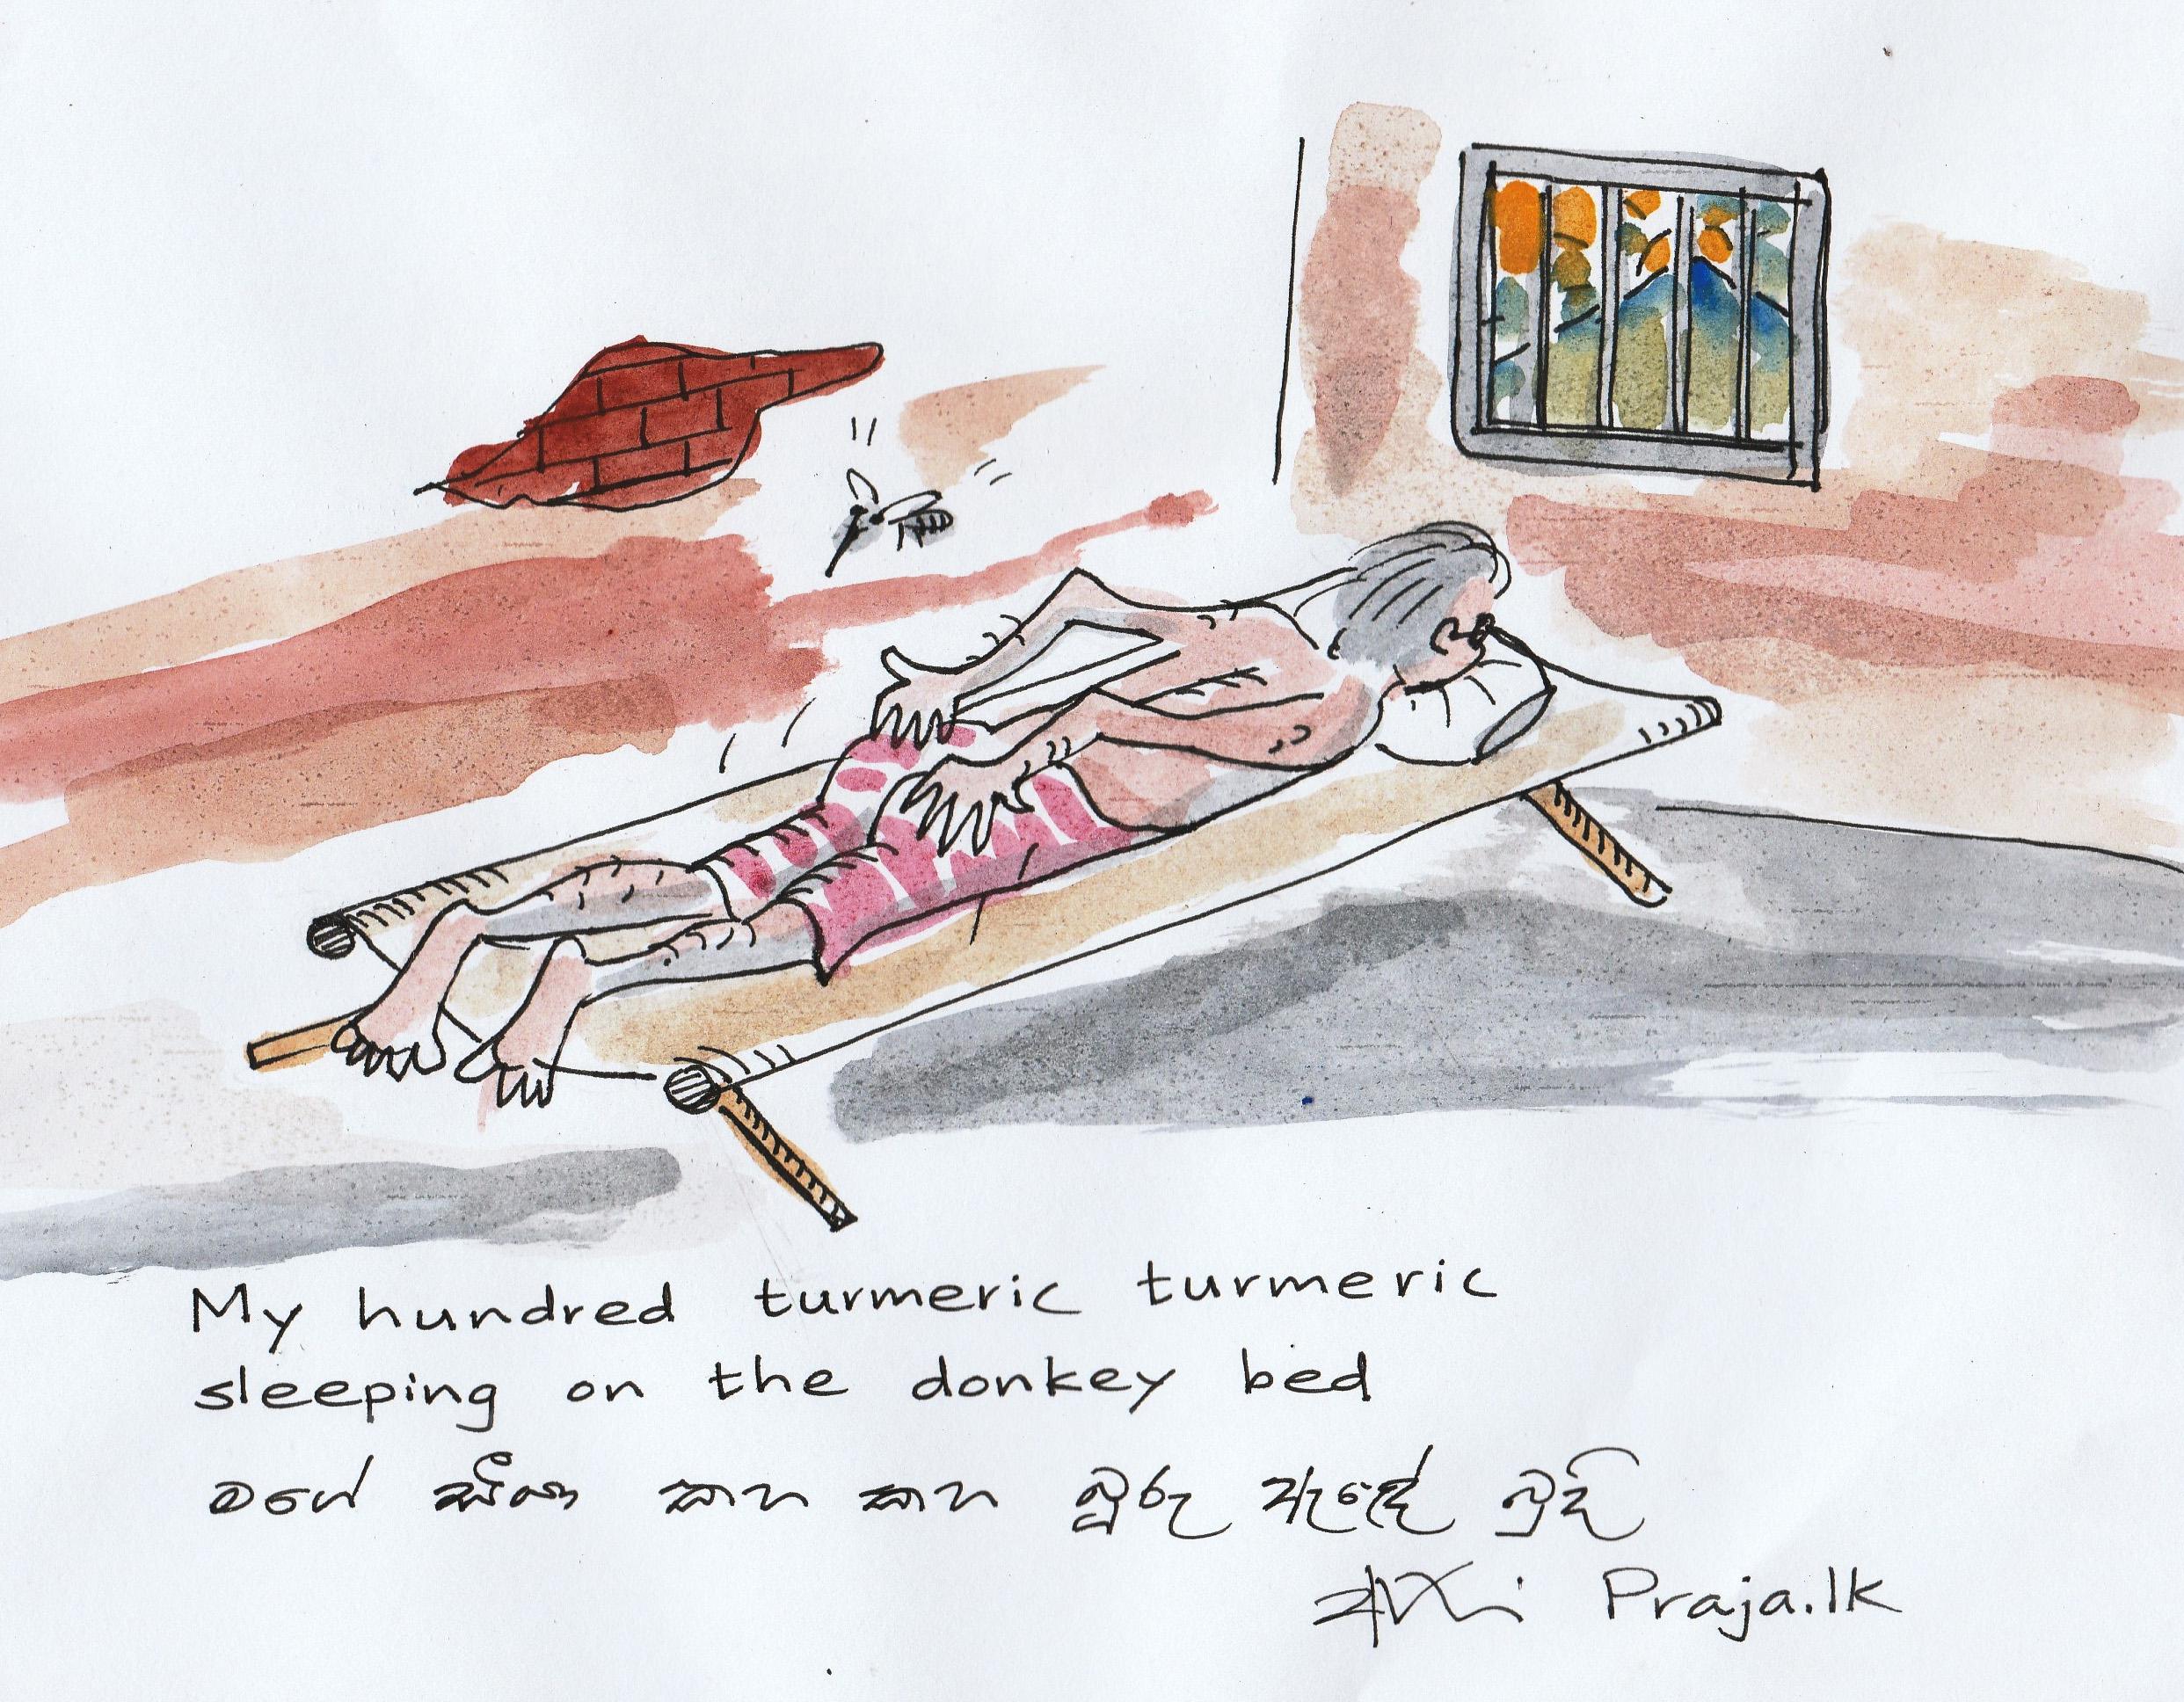 turmeric: cartoon by Ajith Perakum Jayasinghe